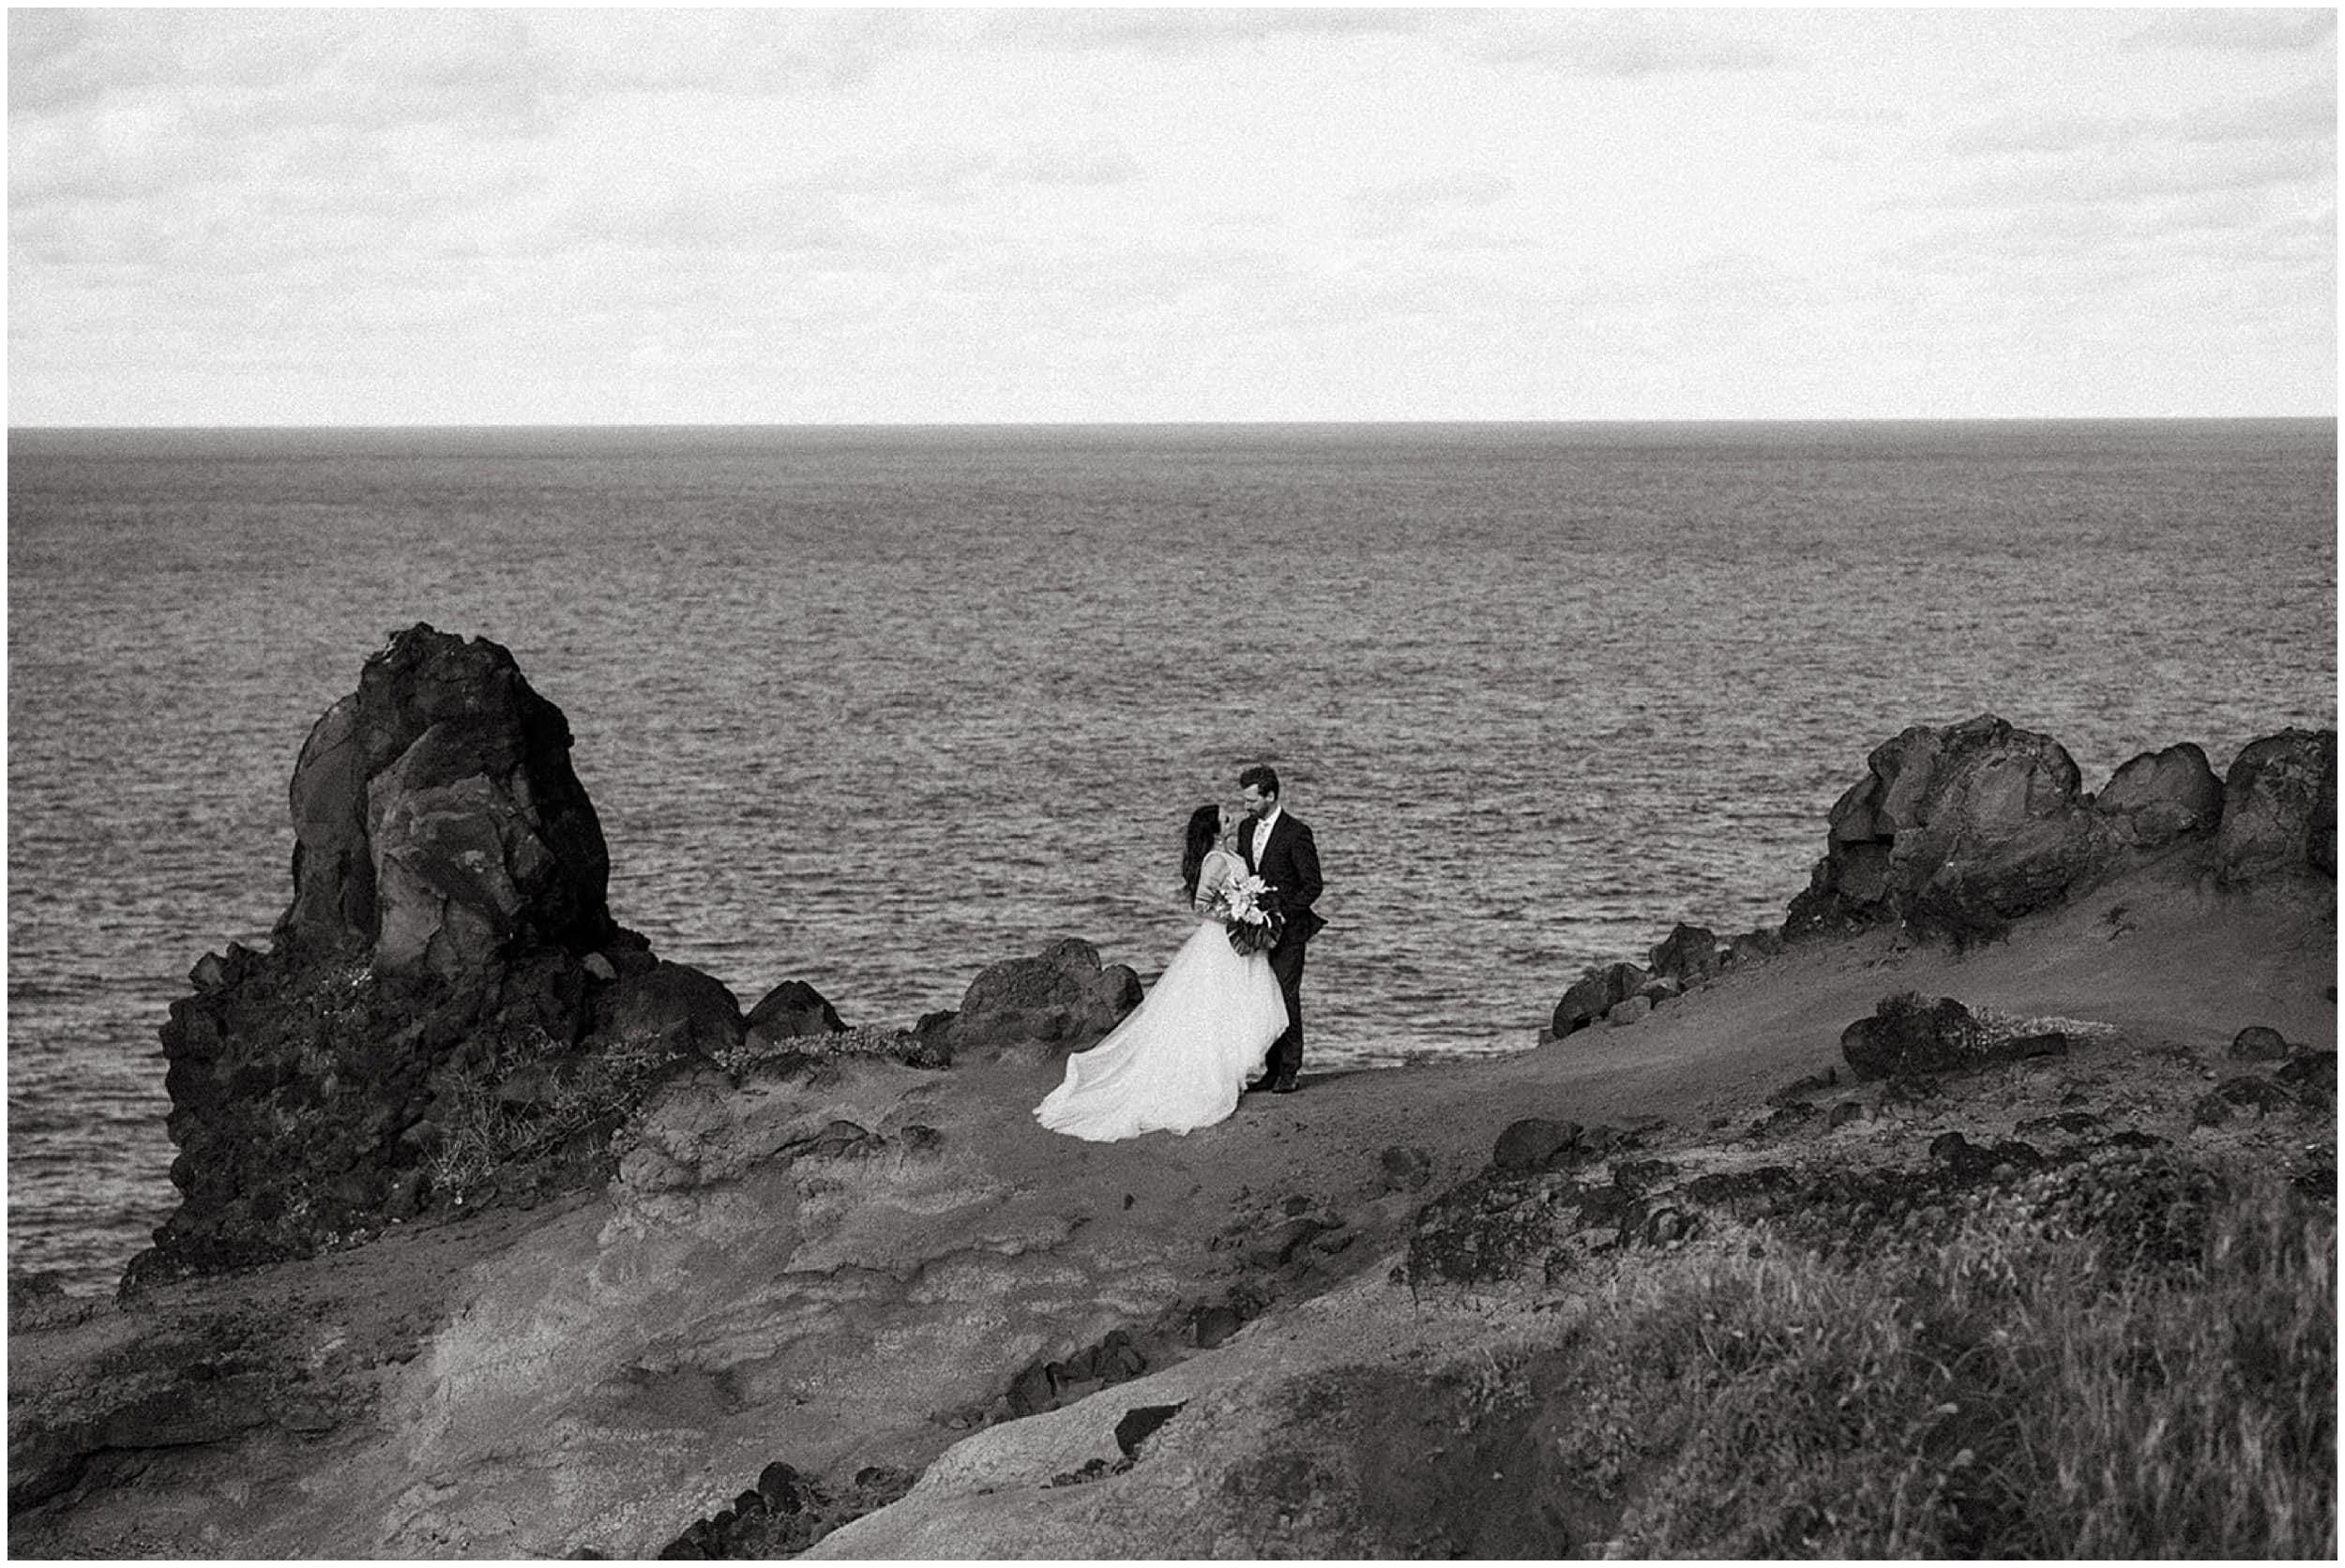 wedding on cliffs